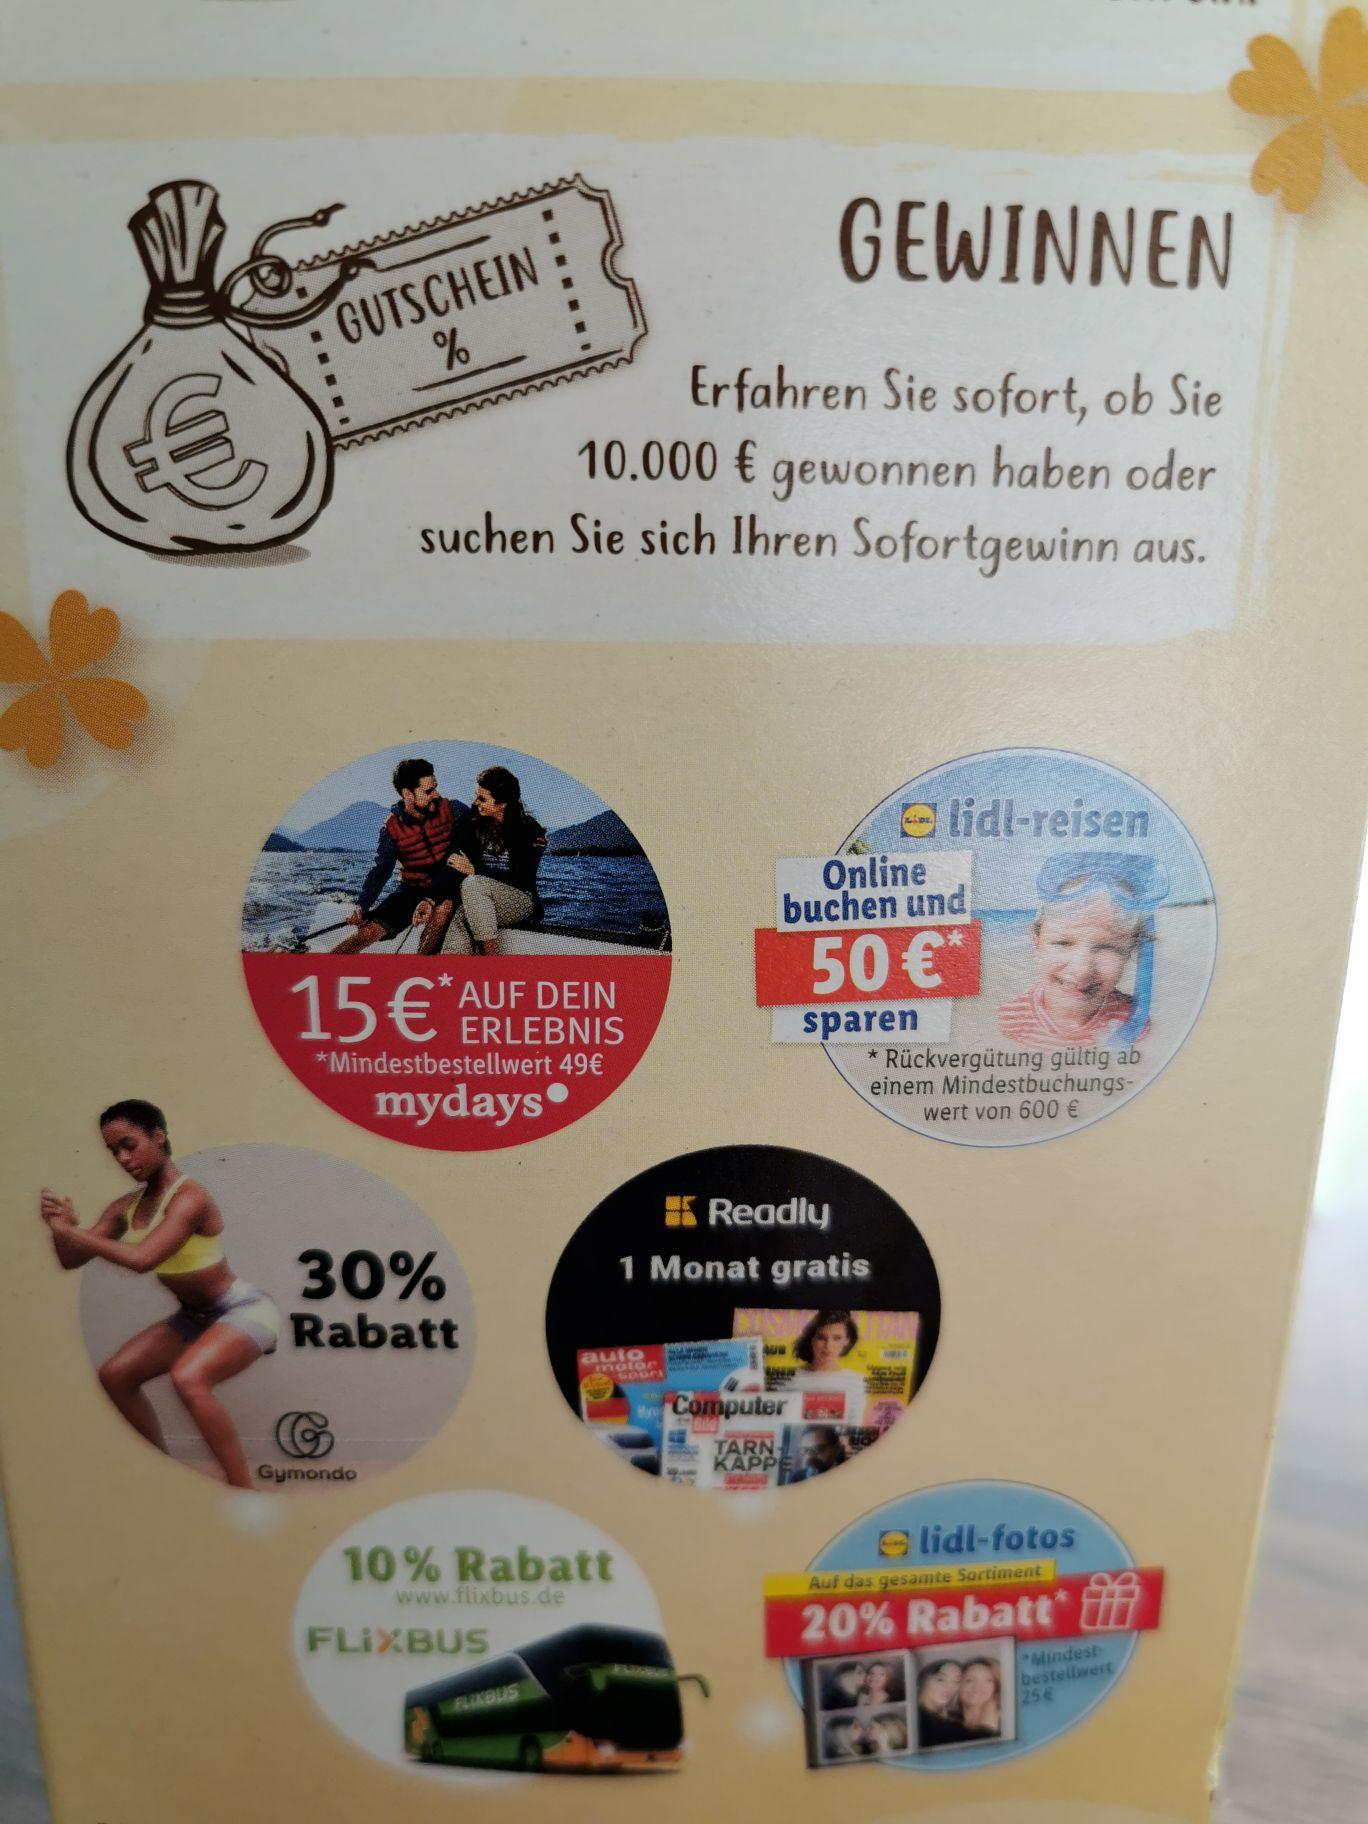 15€ MyDays Gutschein für 1,99€, 49€ MBW